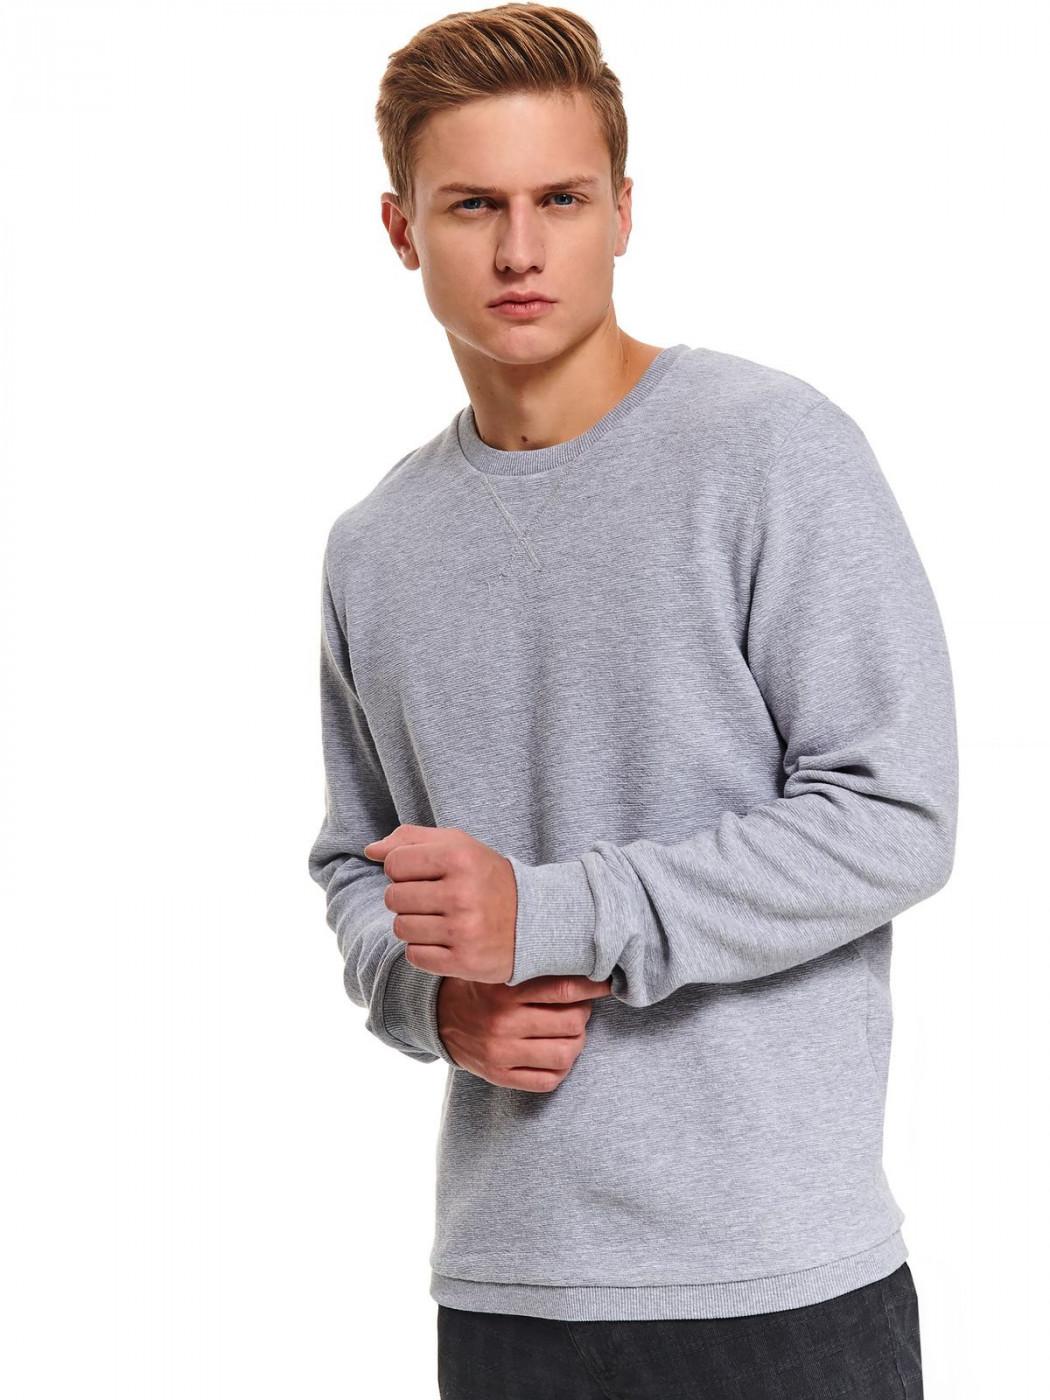 Top Secret Men's Sweatshirt